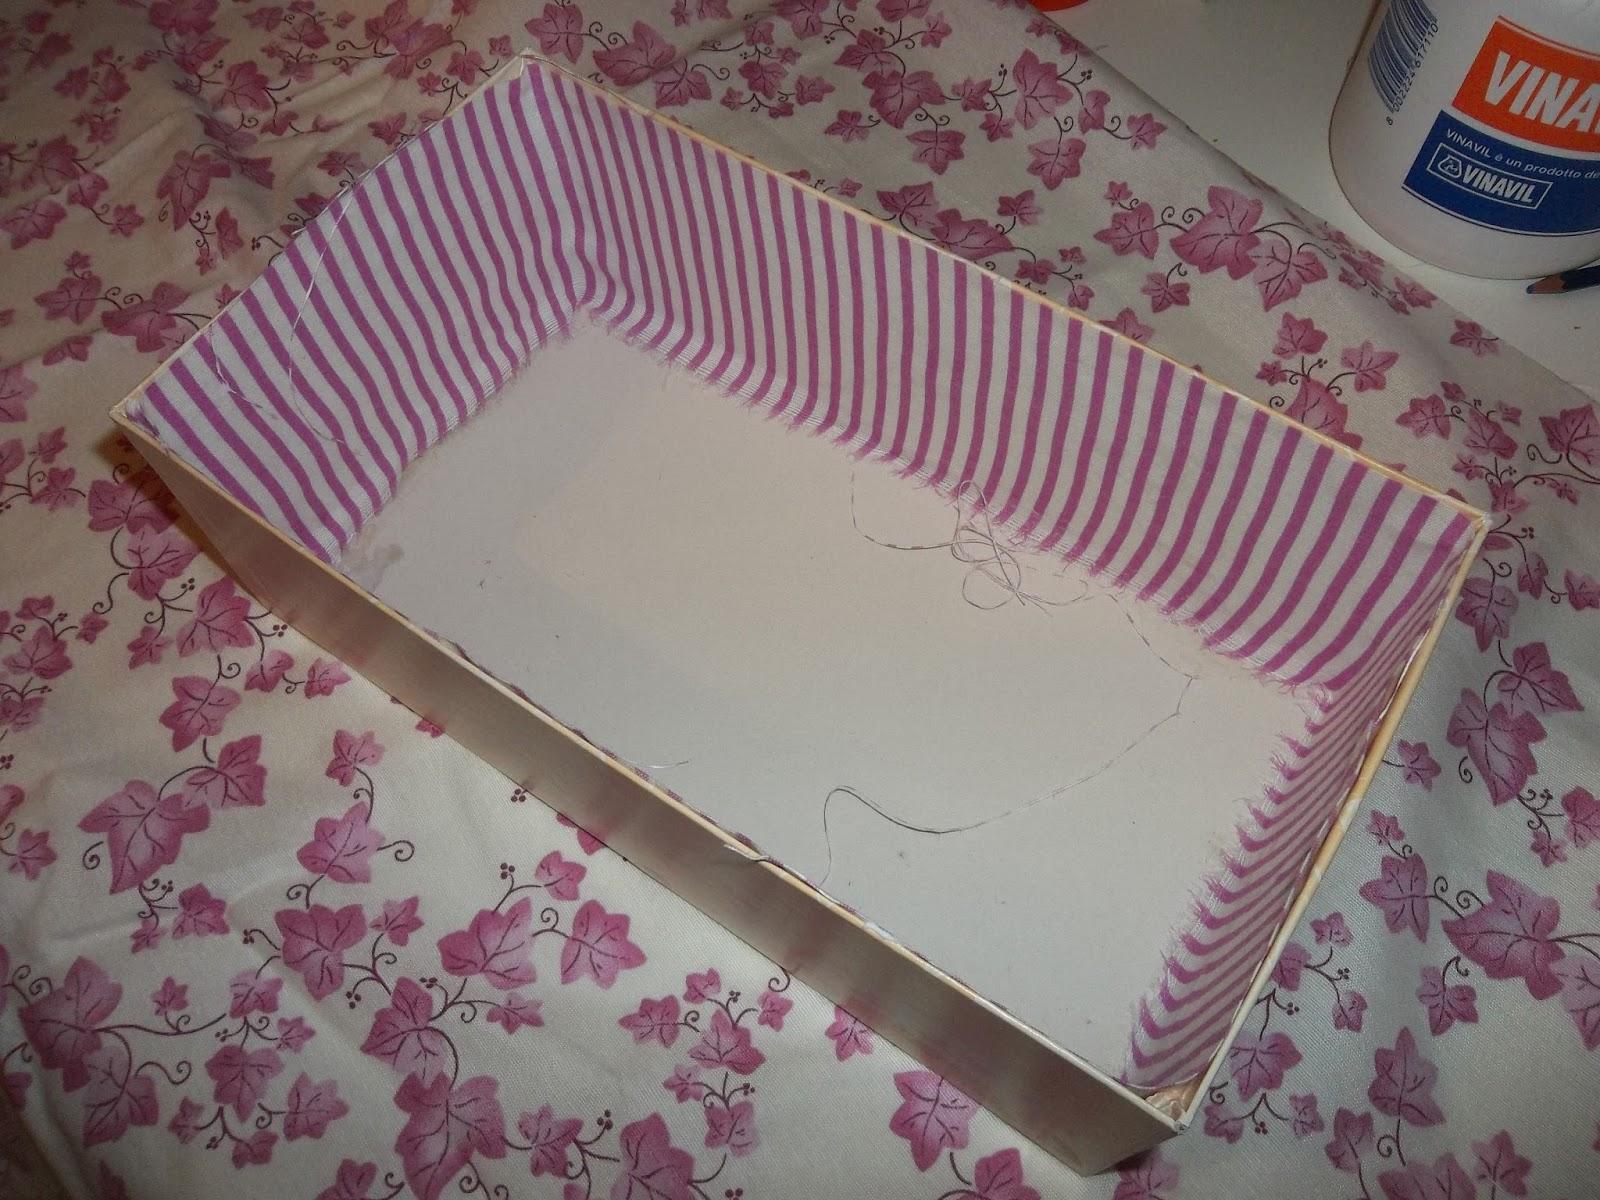 La cicogna creativa tutorial scatola rivestita di stoffa for Scatole rivestite in stoffa tutorial